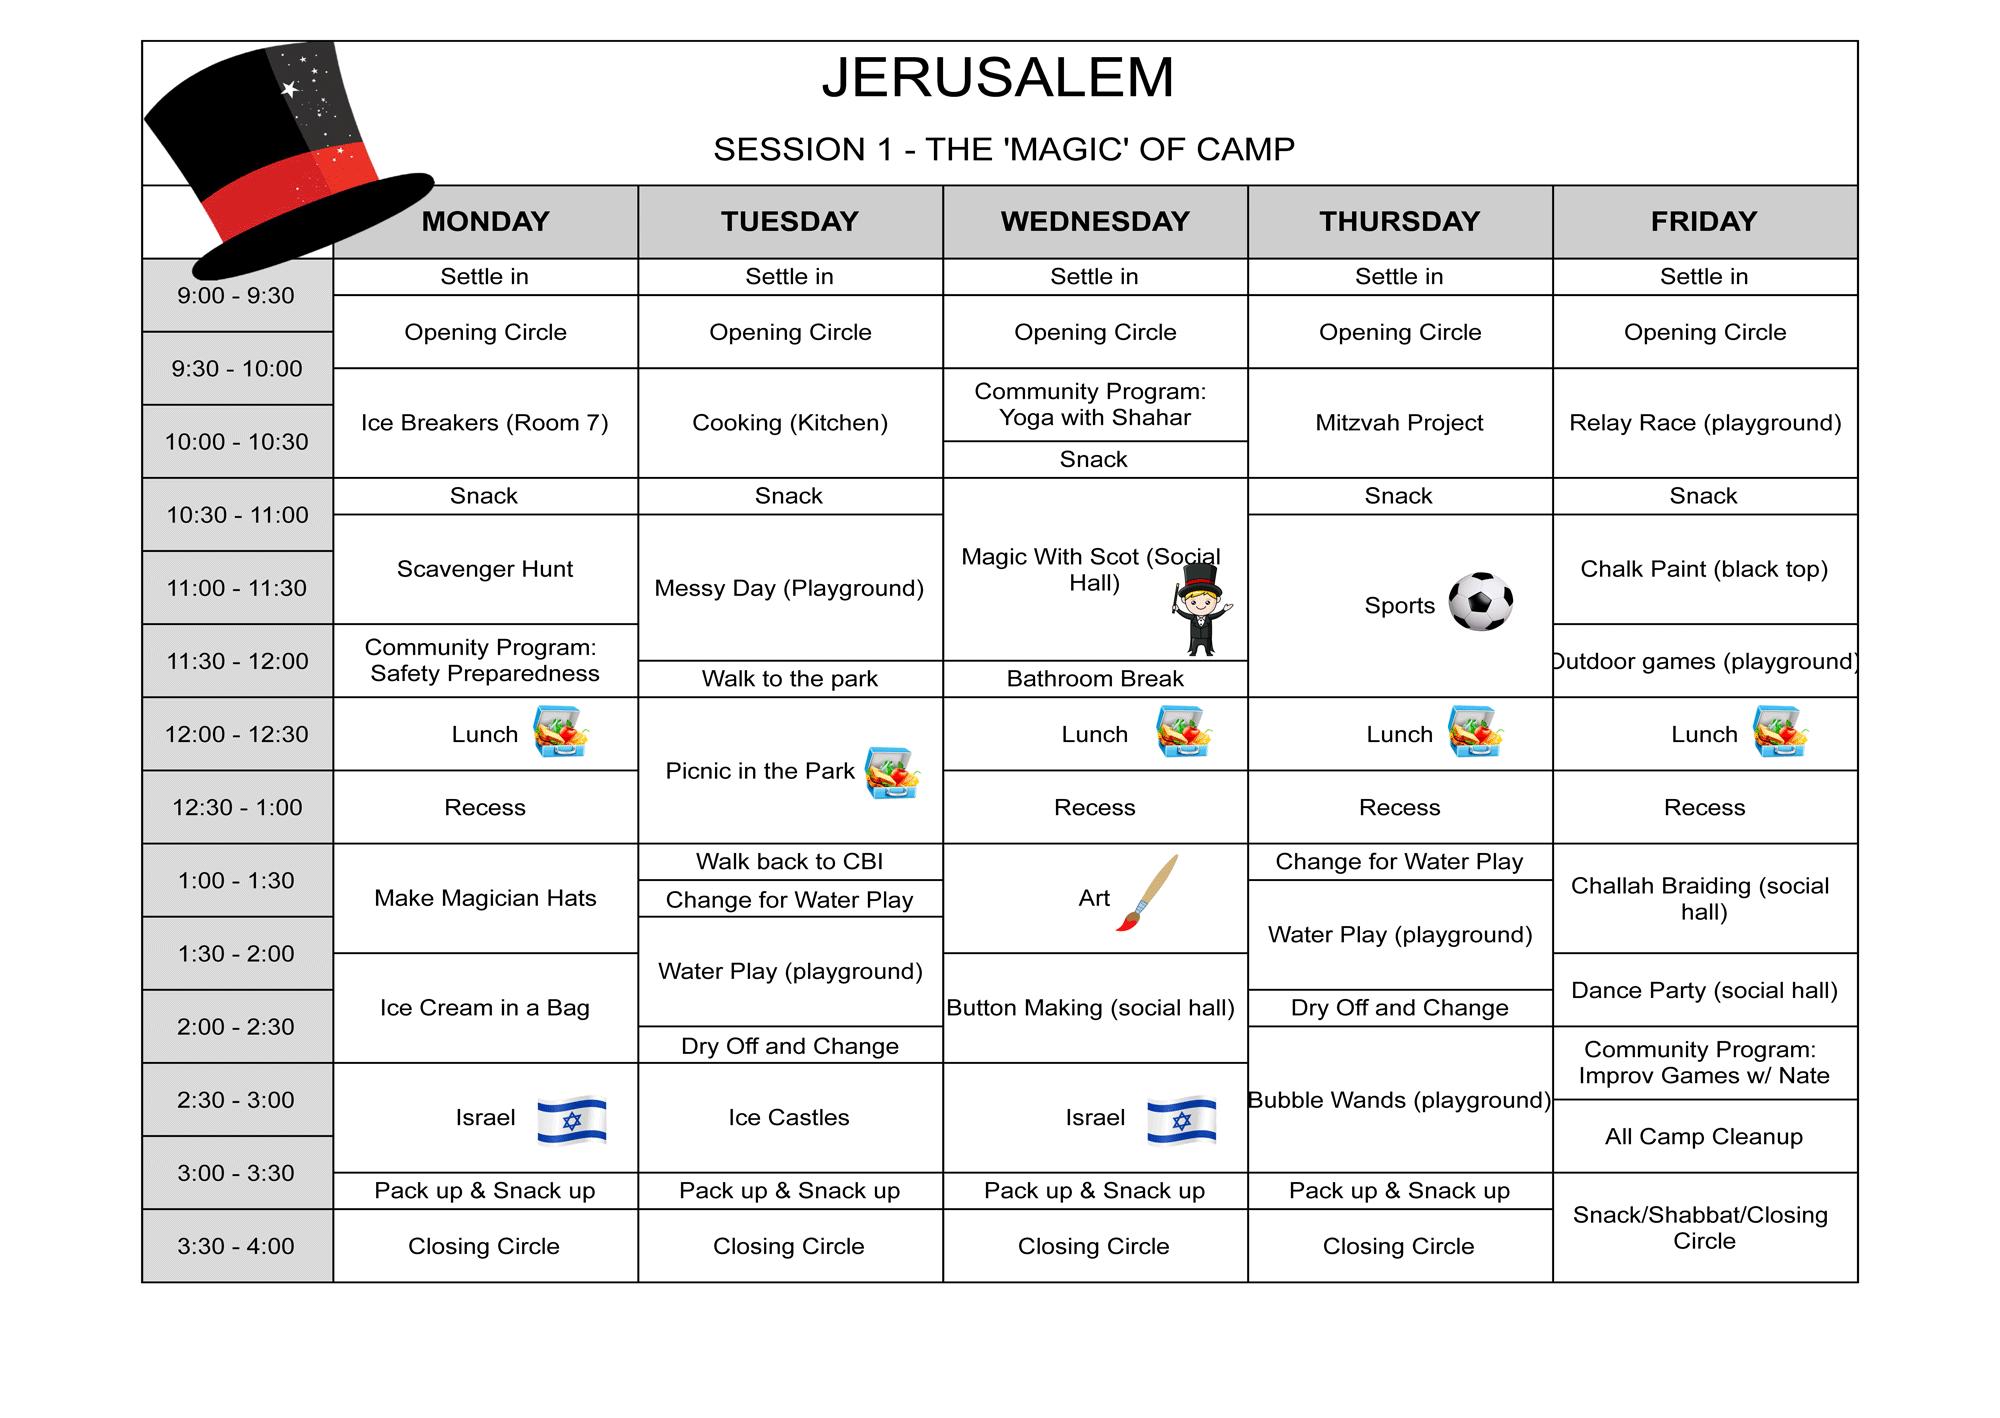 Sample schedule session 1 Jerusalem